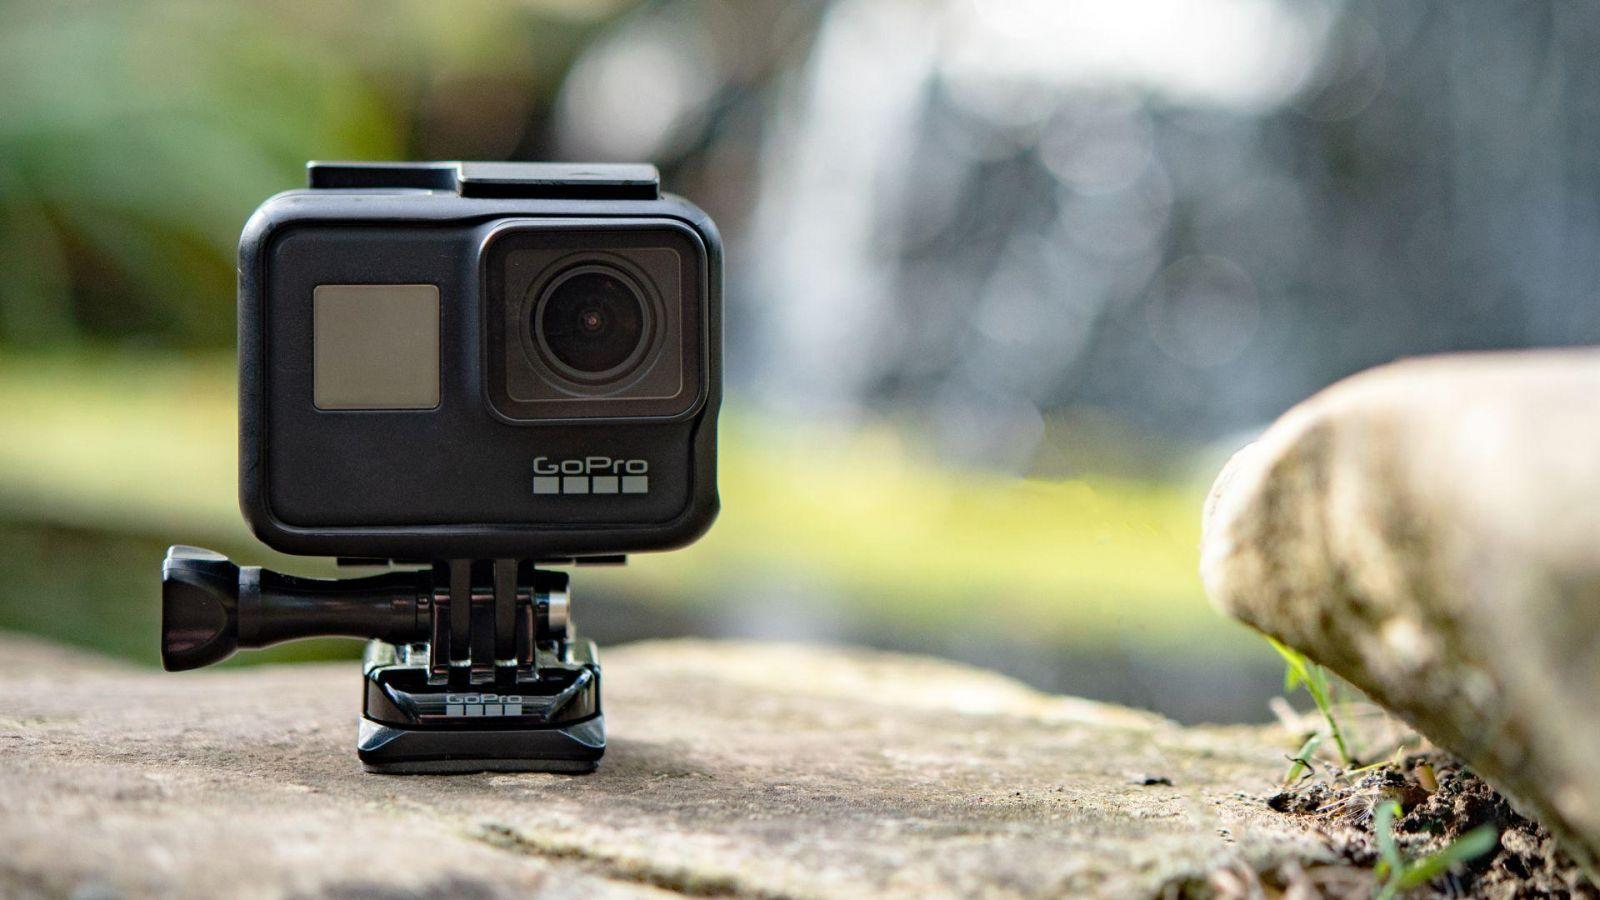 Компания GoPro представила экшн-камеру GoPro Hero 8 (gqc4bybca7o88wv47mvyav)